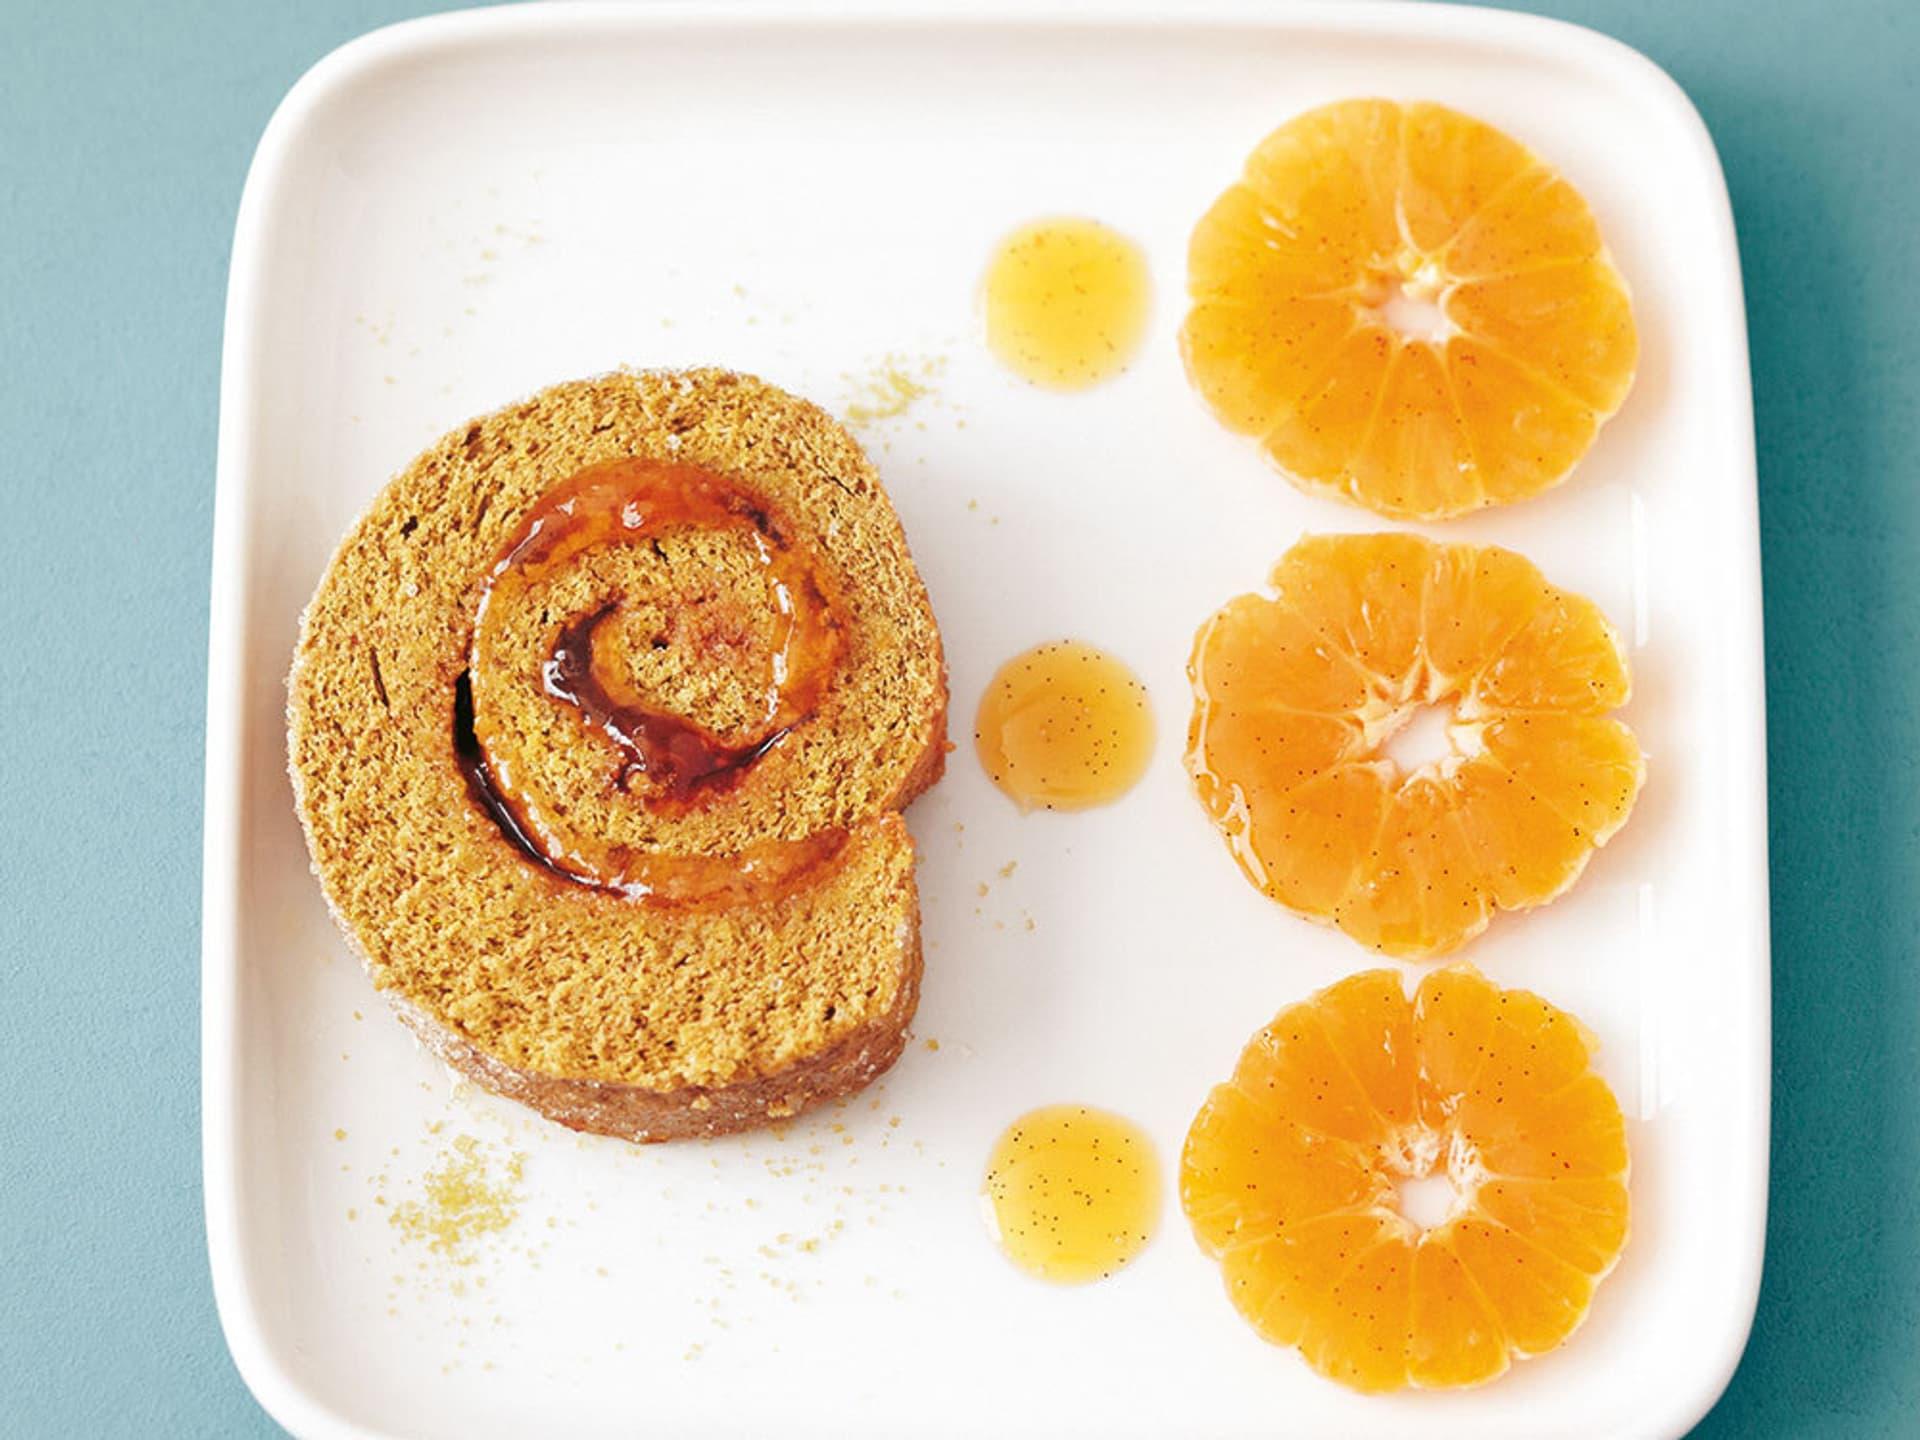 Matcha-Biskuitrolle mit Mandarinen